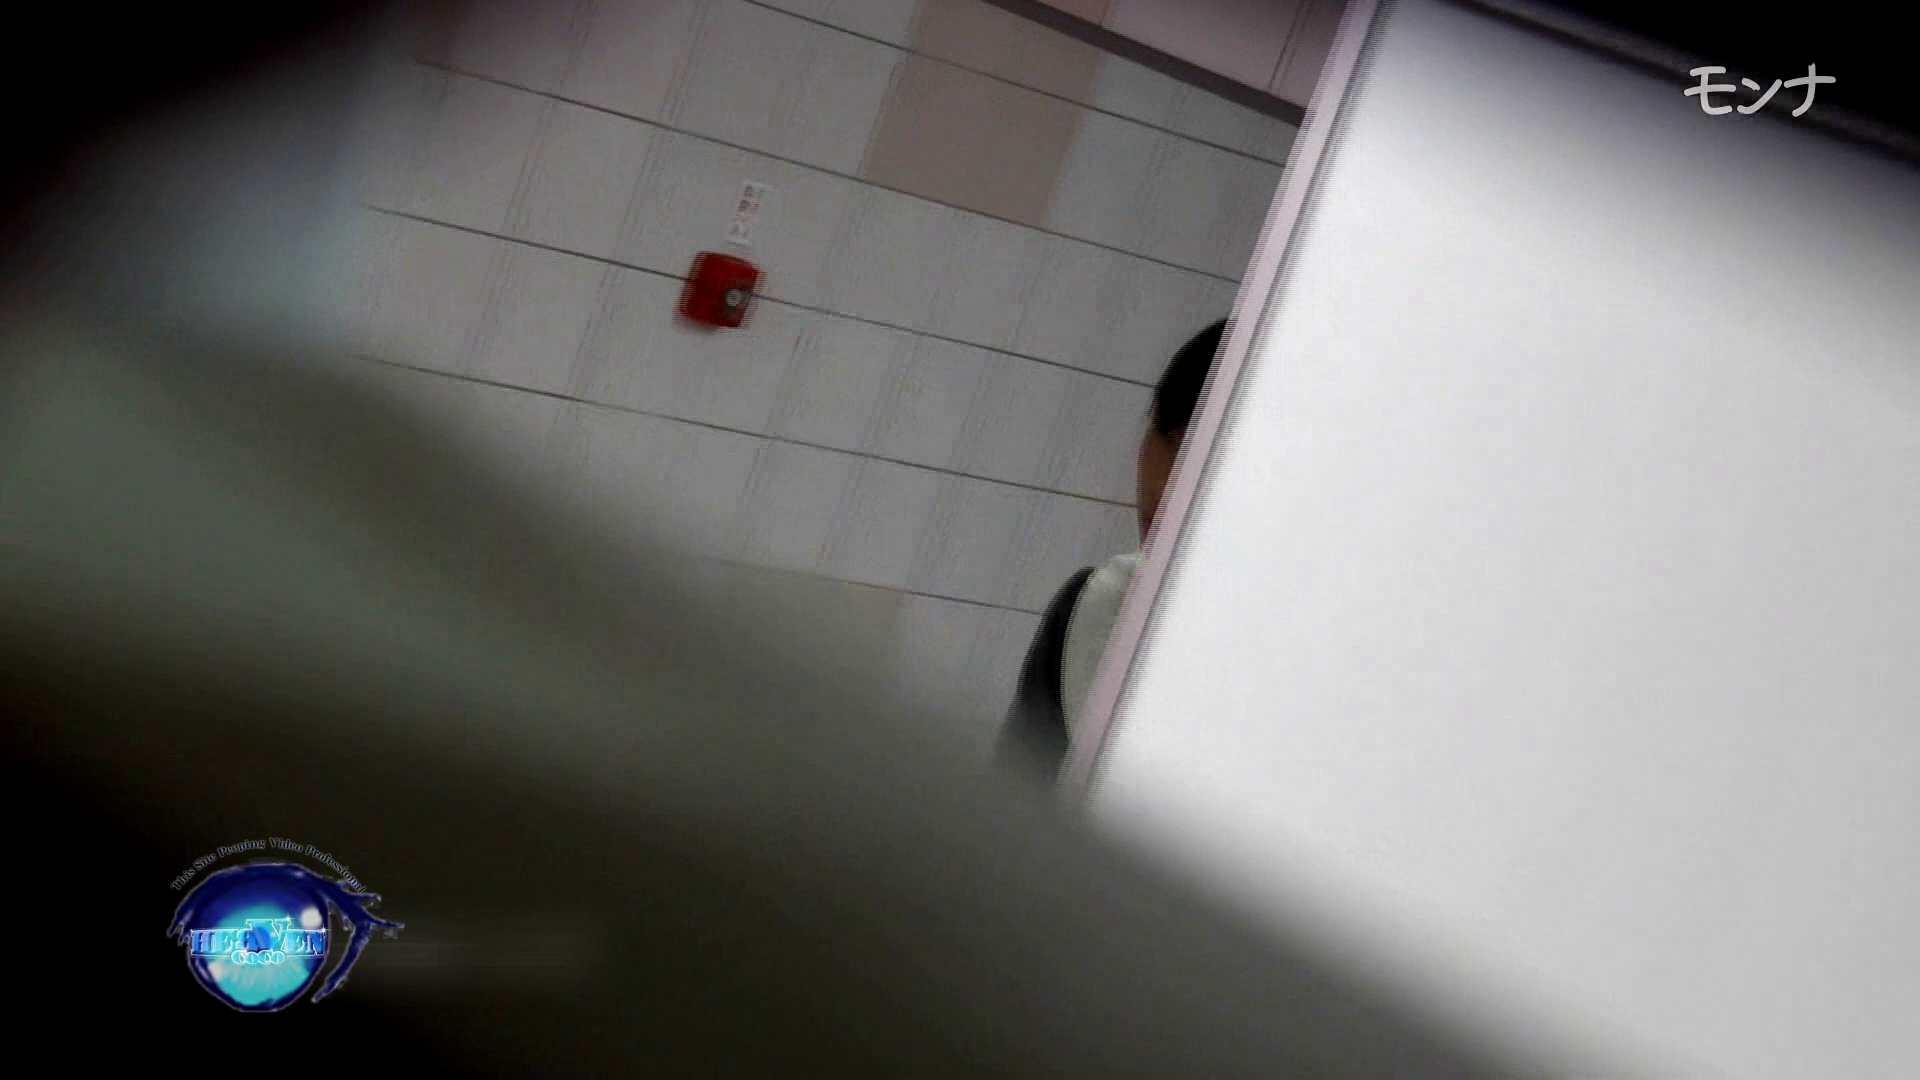 美しい日本の未来 No.96 中編 盗撮 | 覗き放題  69画像 61